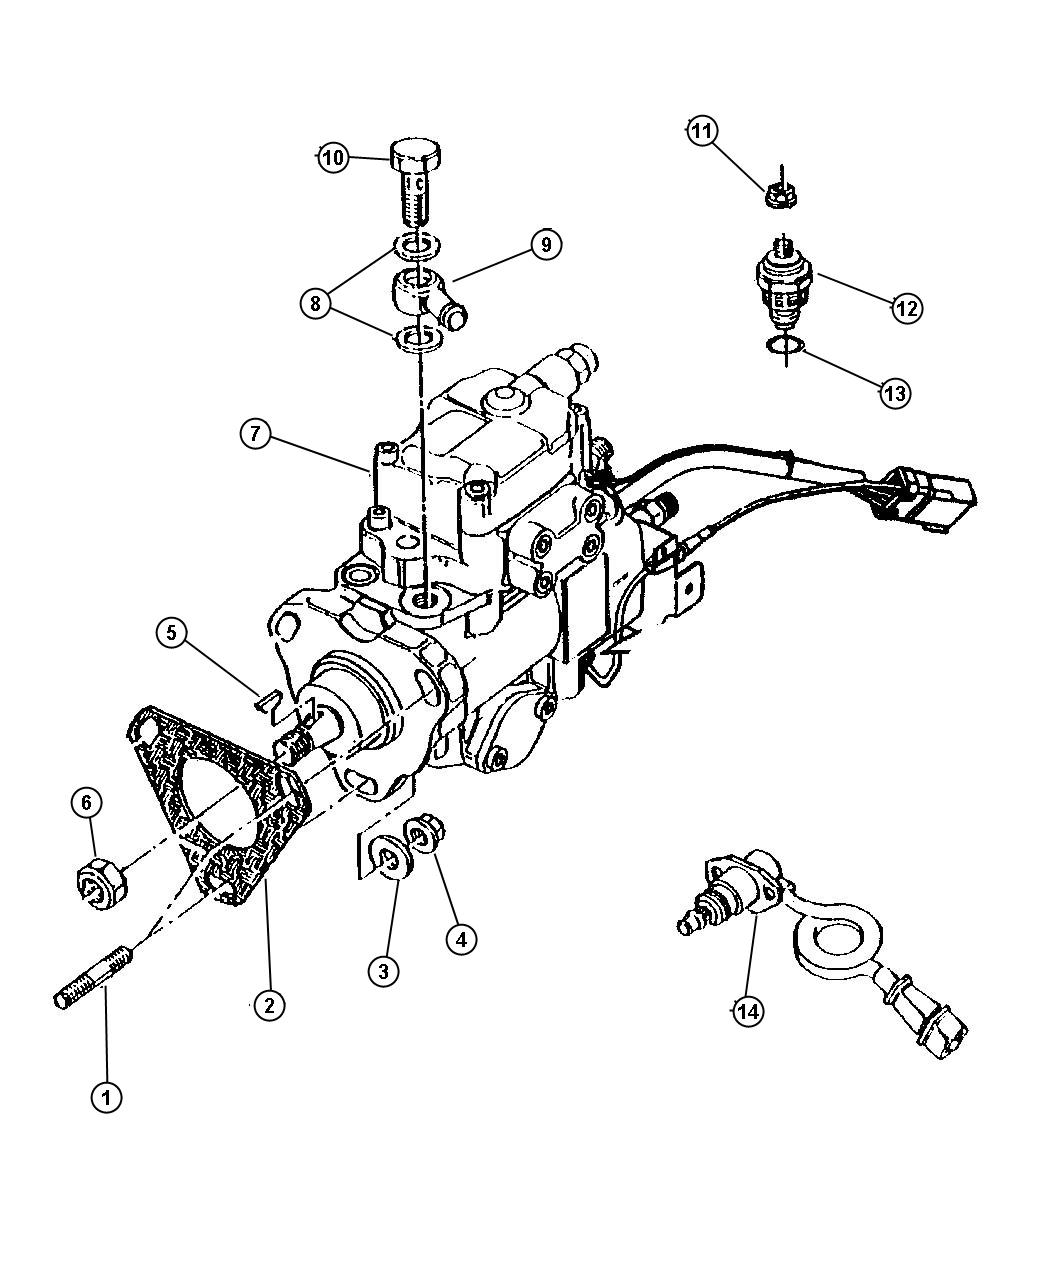 Dodge Ram Bolt Banjo 2 8l I4 Turbosel Engine